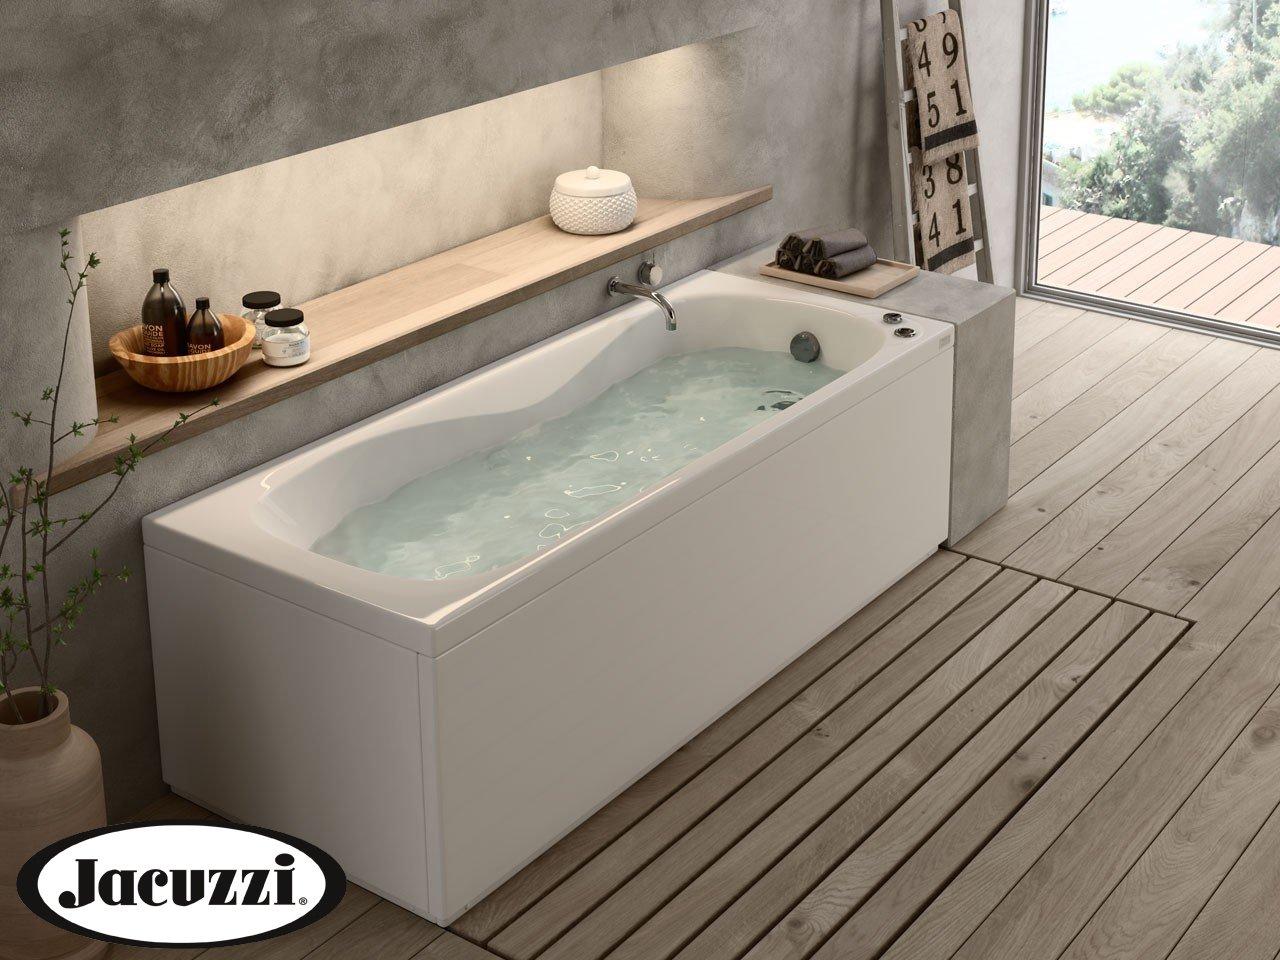 Vasca Da Bagno Ariston Prezzi : Misure vasca da bagno prezzi vasca idromassaggio sokolvineyard.com